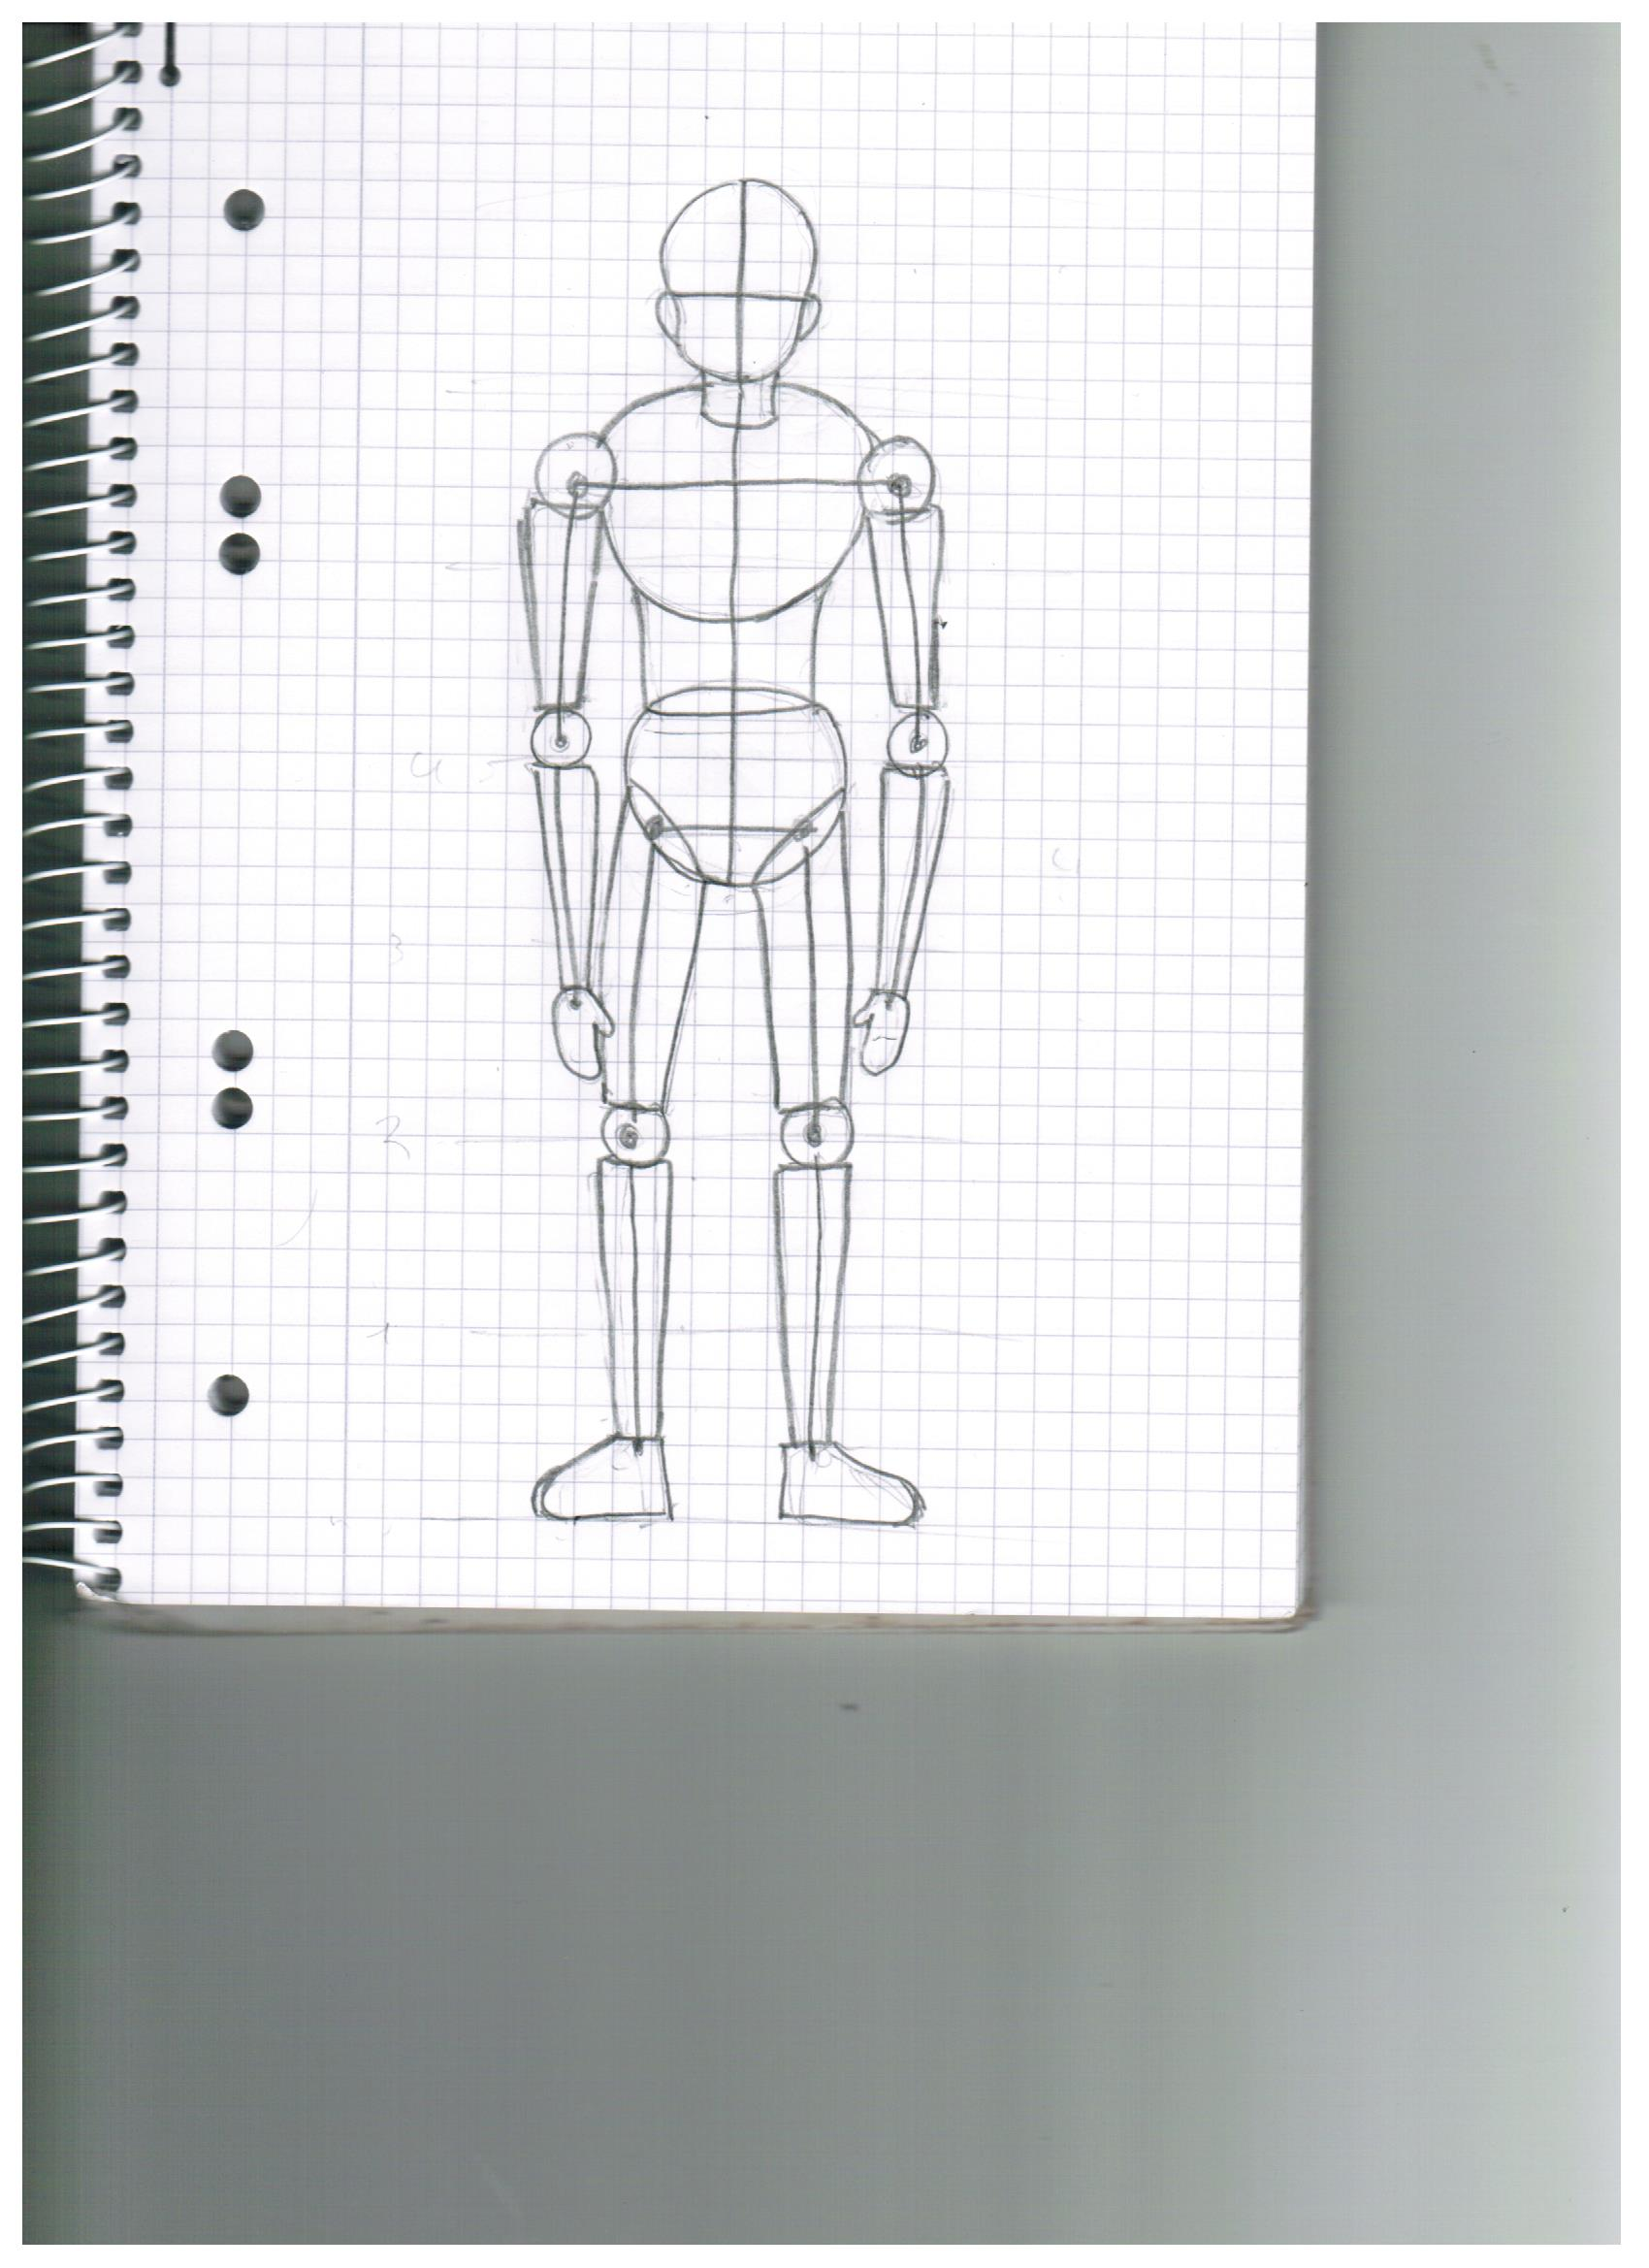 Fantastisch Die Kunst Der Anatomie Ideen - Anatomie Ideen - finotti.info